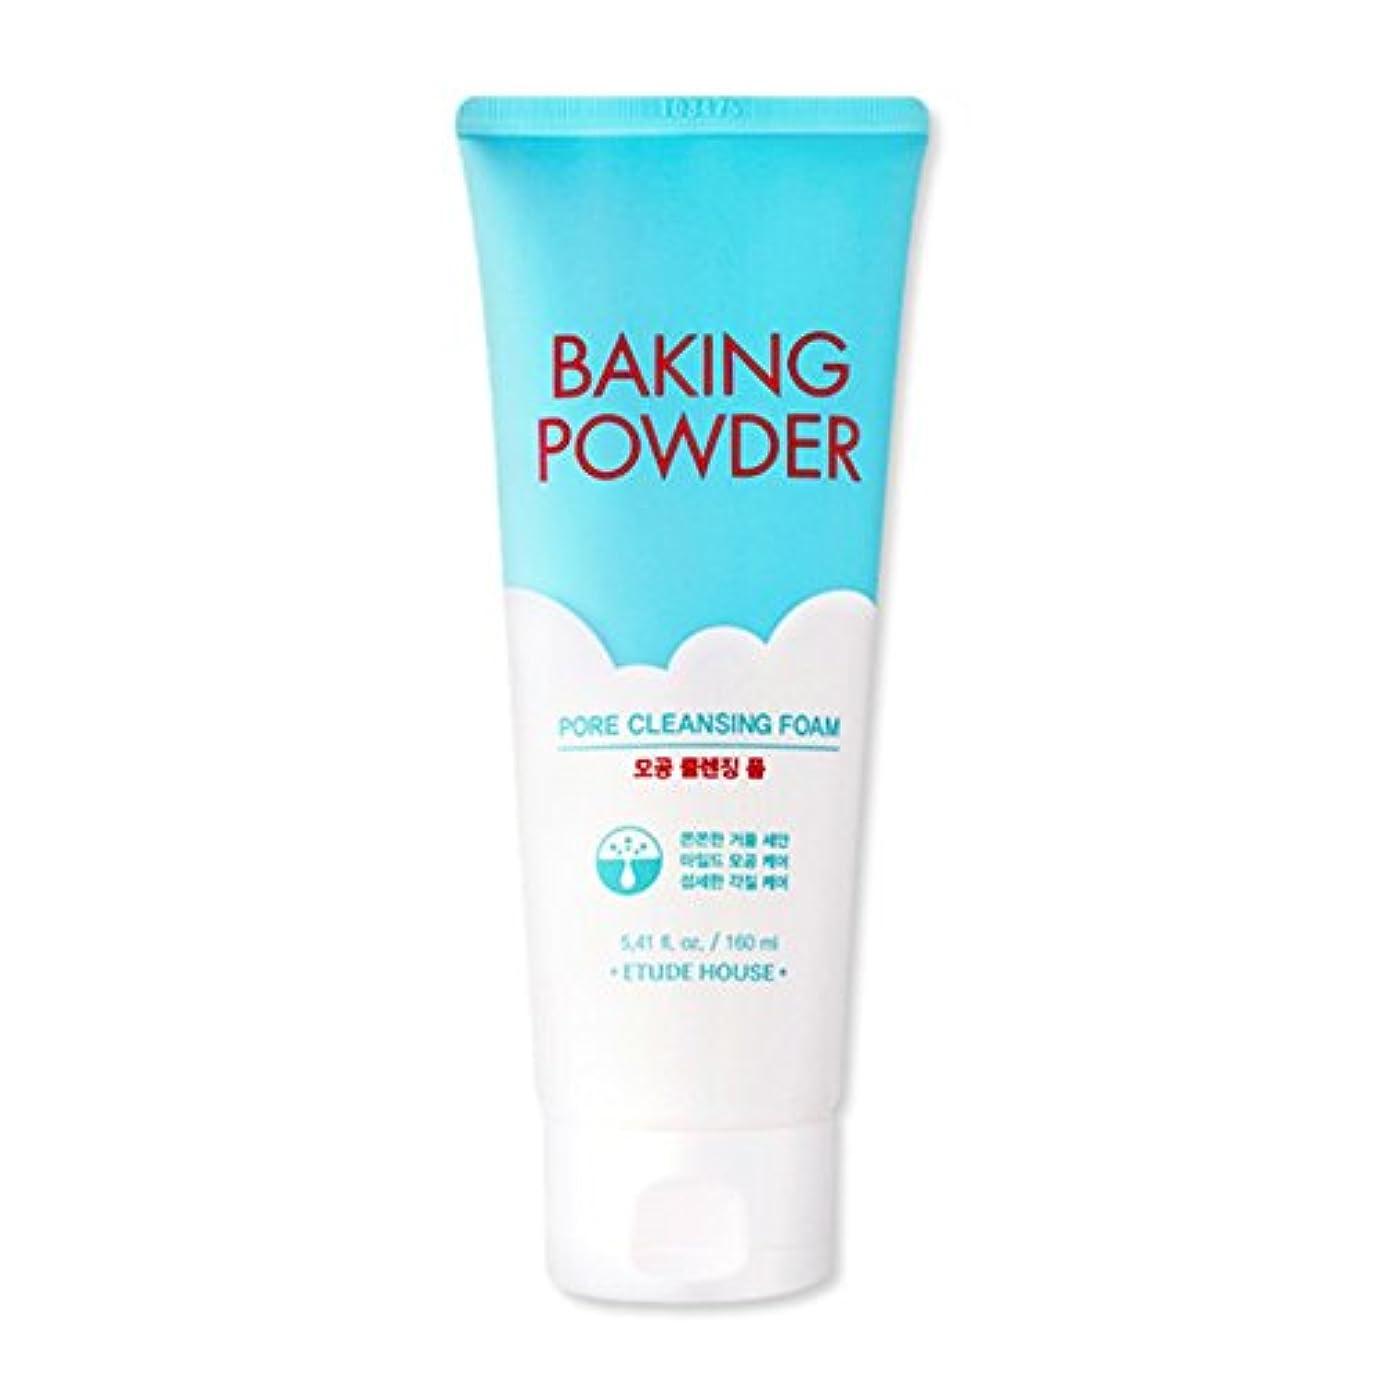 地中海食べる消毒剤[2016 Upgrade!] ETUDE HOUSE Baking Powder Pore Cleansing Foam 160ml/エチュードハウス ベーキング パウダー ポア クレンジング フォーム 160ml